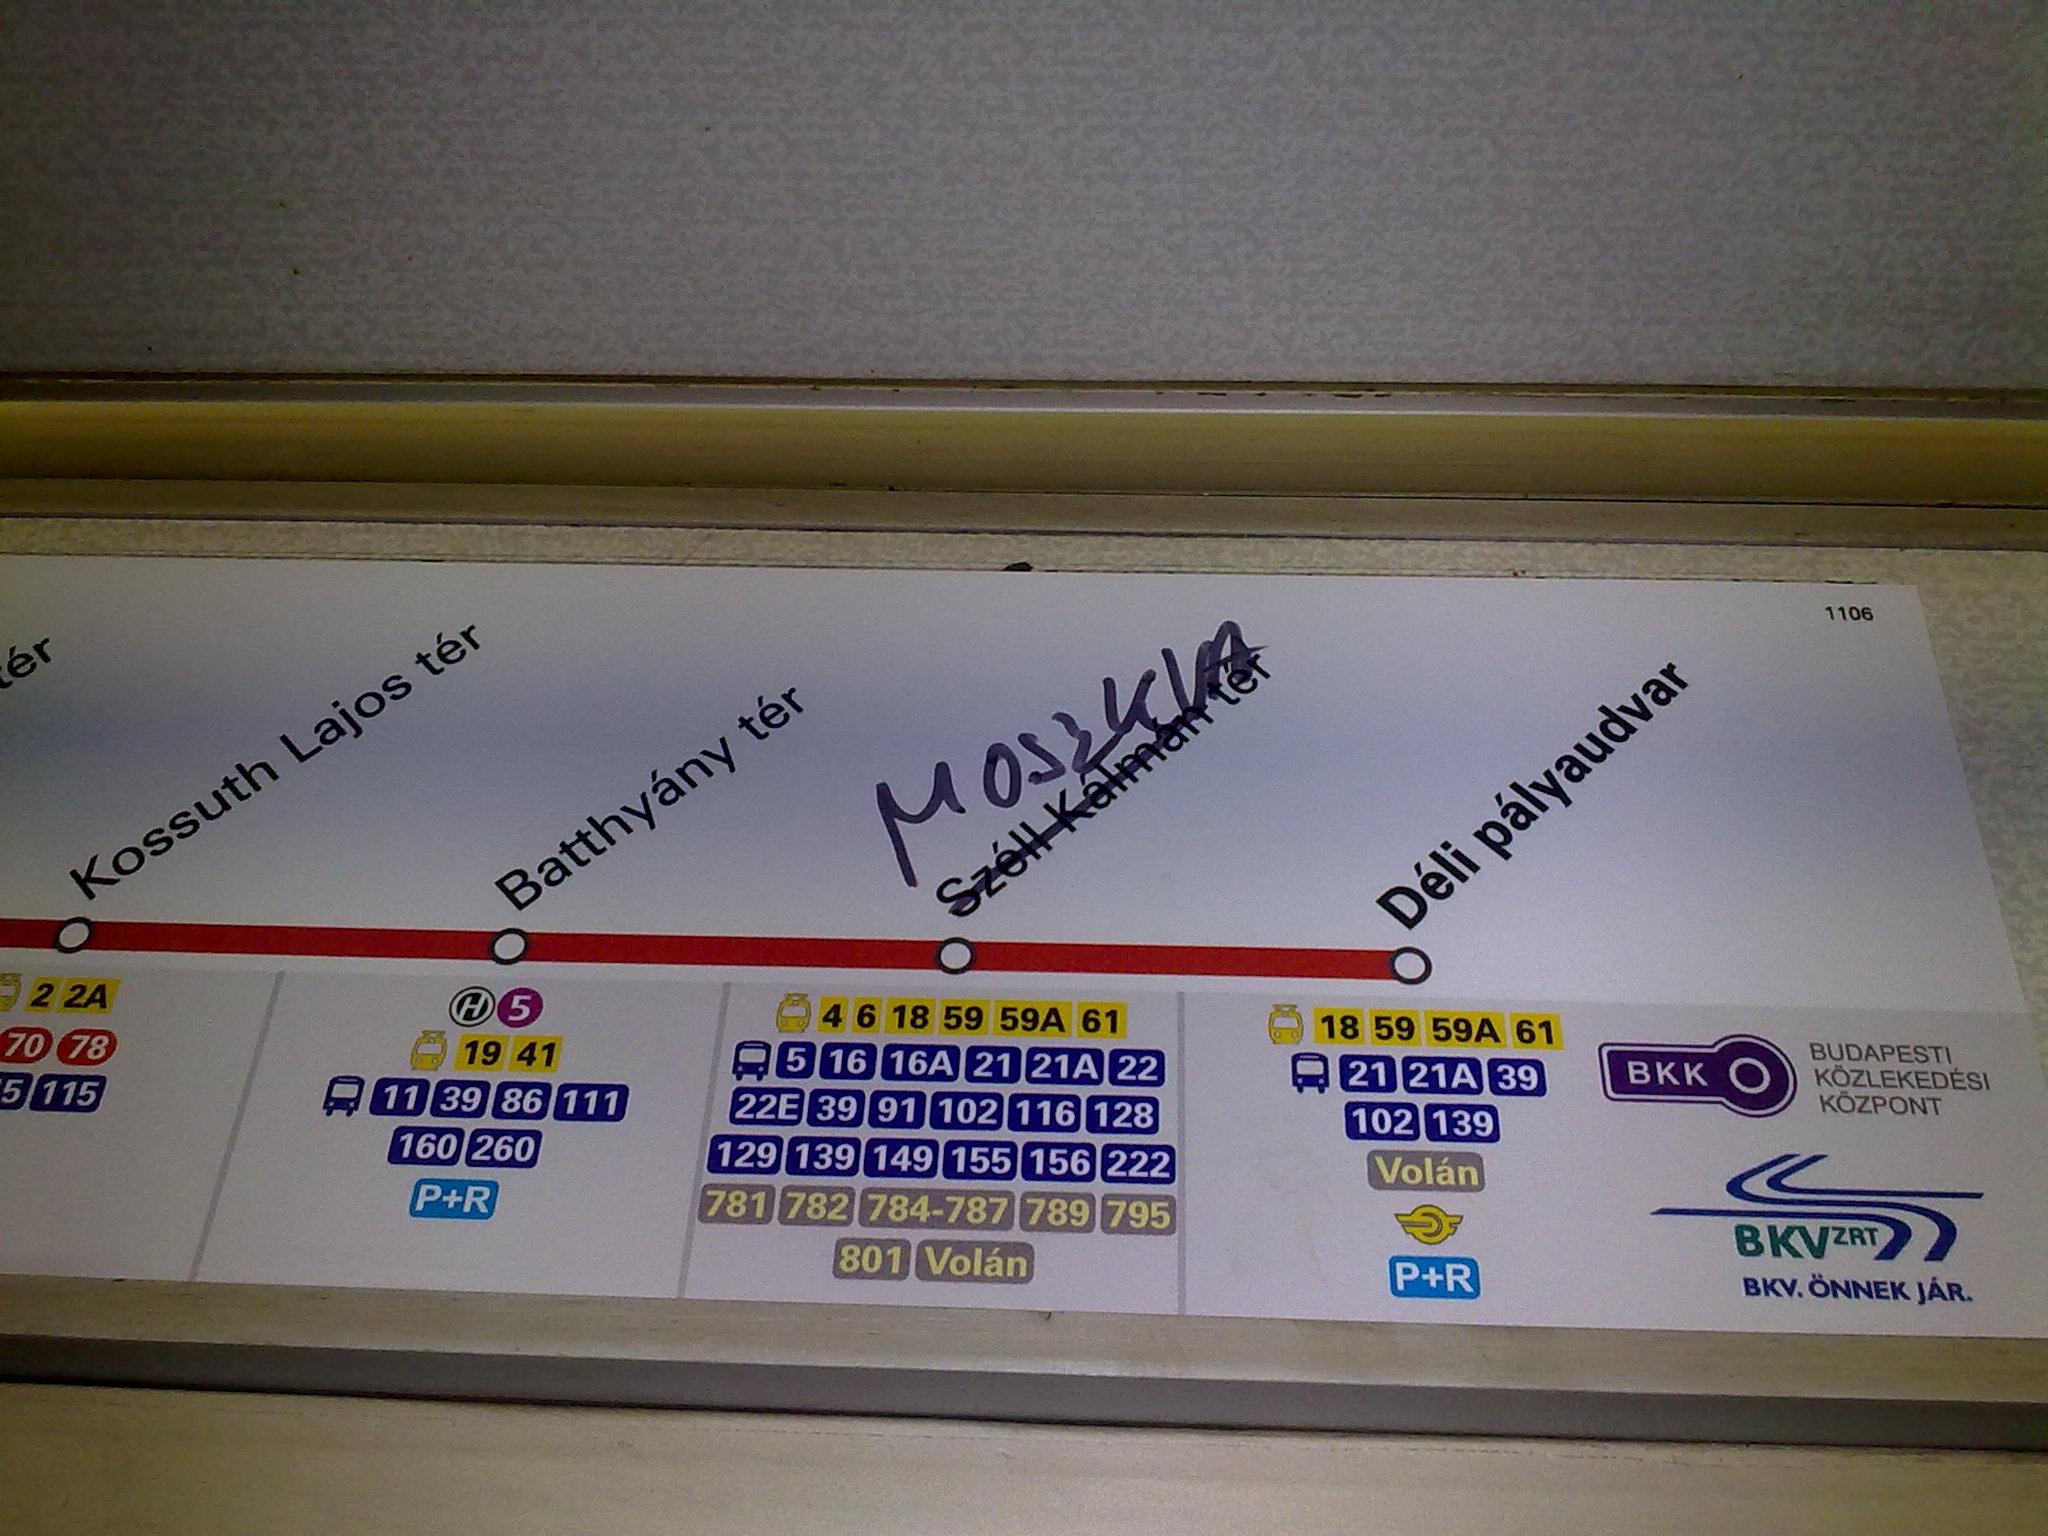 http://m.cdn.blog.hu/me/metrobp/201107071117.jpg